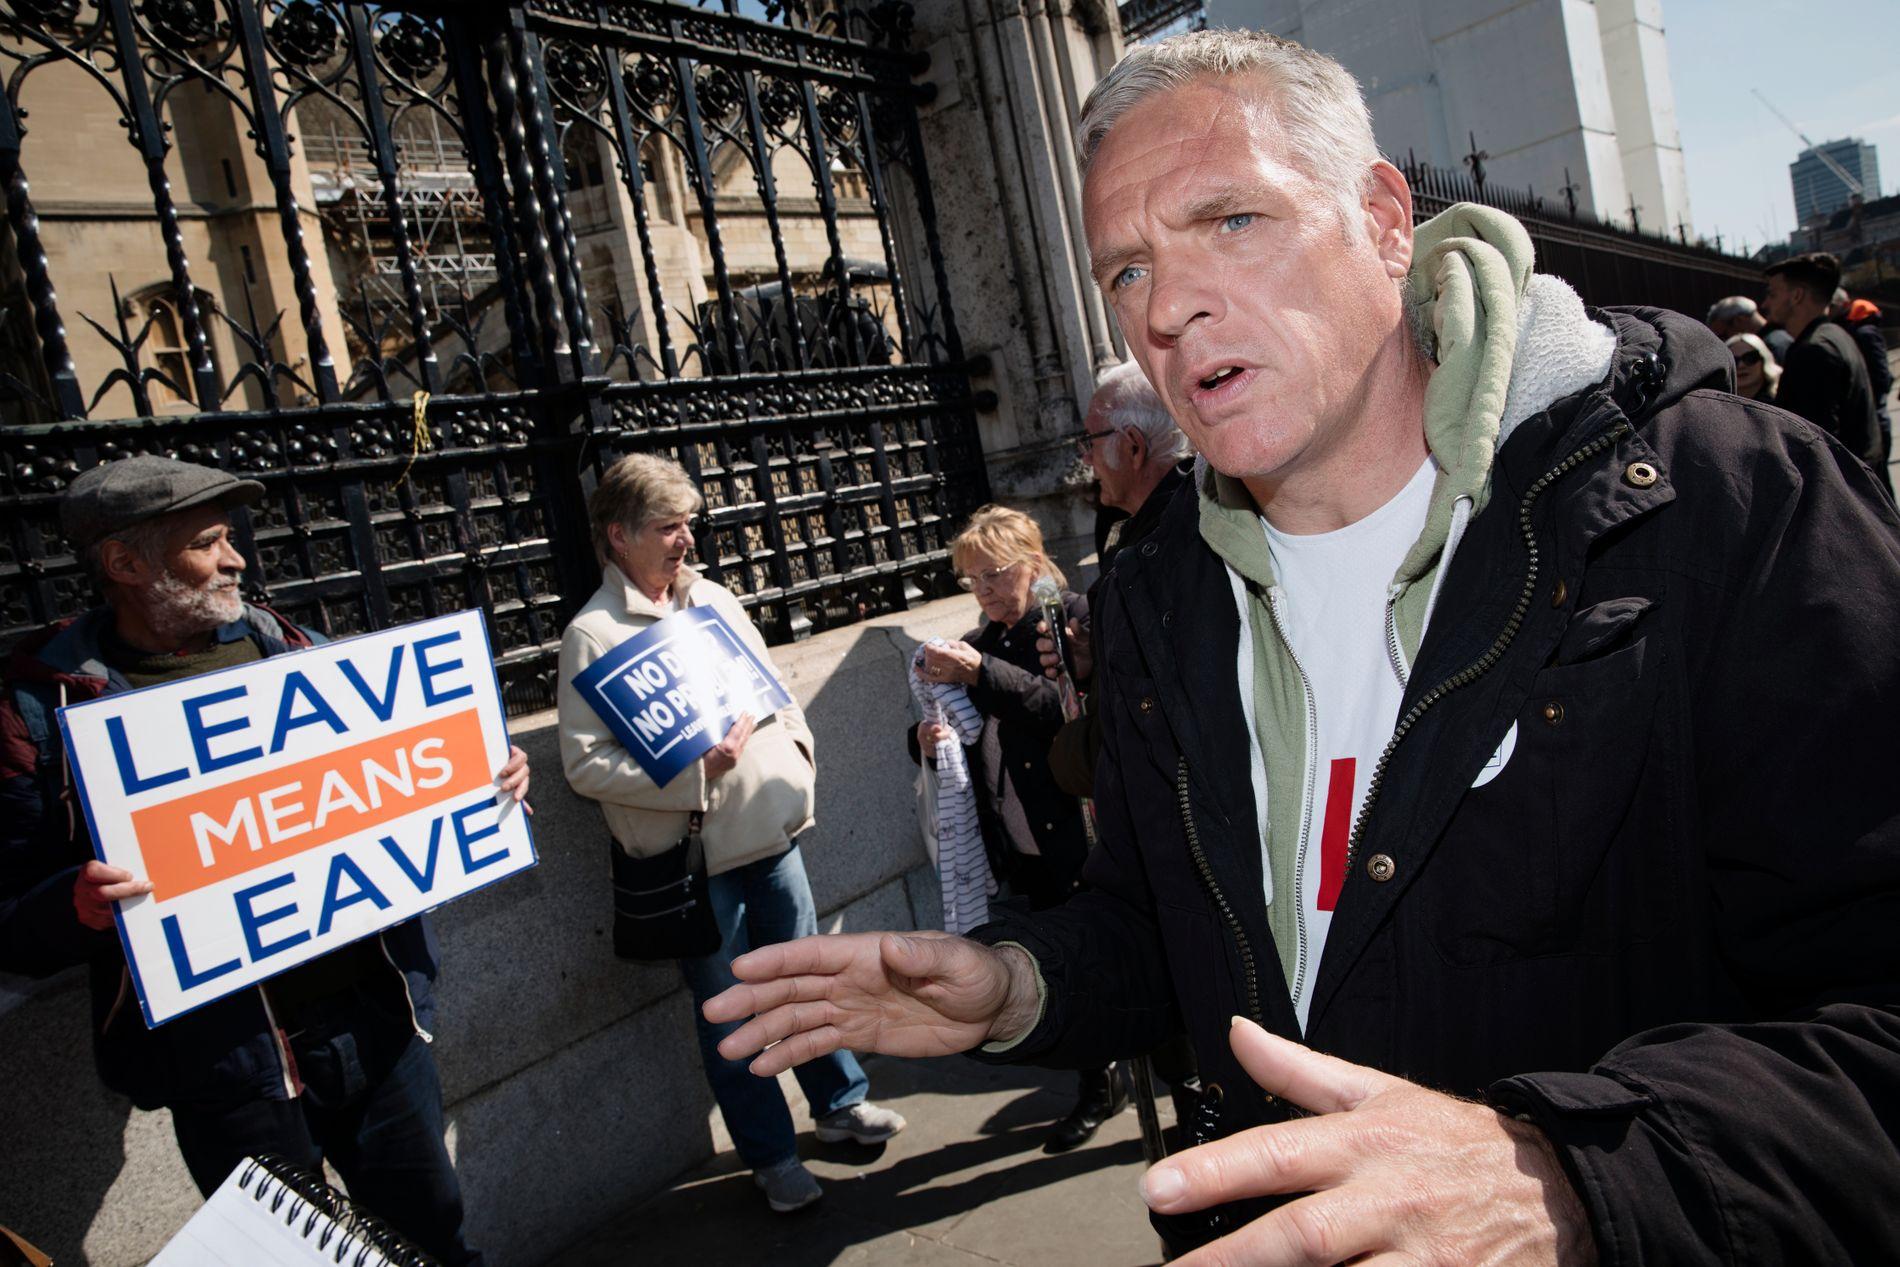 VIL UT: Russel (t.h.) meiner at politikarane i parlamentet sviktar veljarane. – Eg veit ikkje om eg vil stemme i EU-valet. Kva er poenget, når dei uansett ikkje respekterer resultatet, spør han.